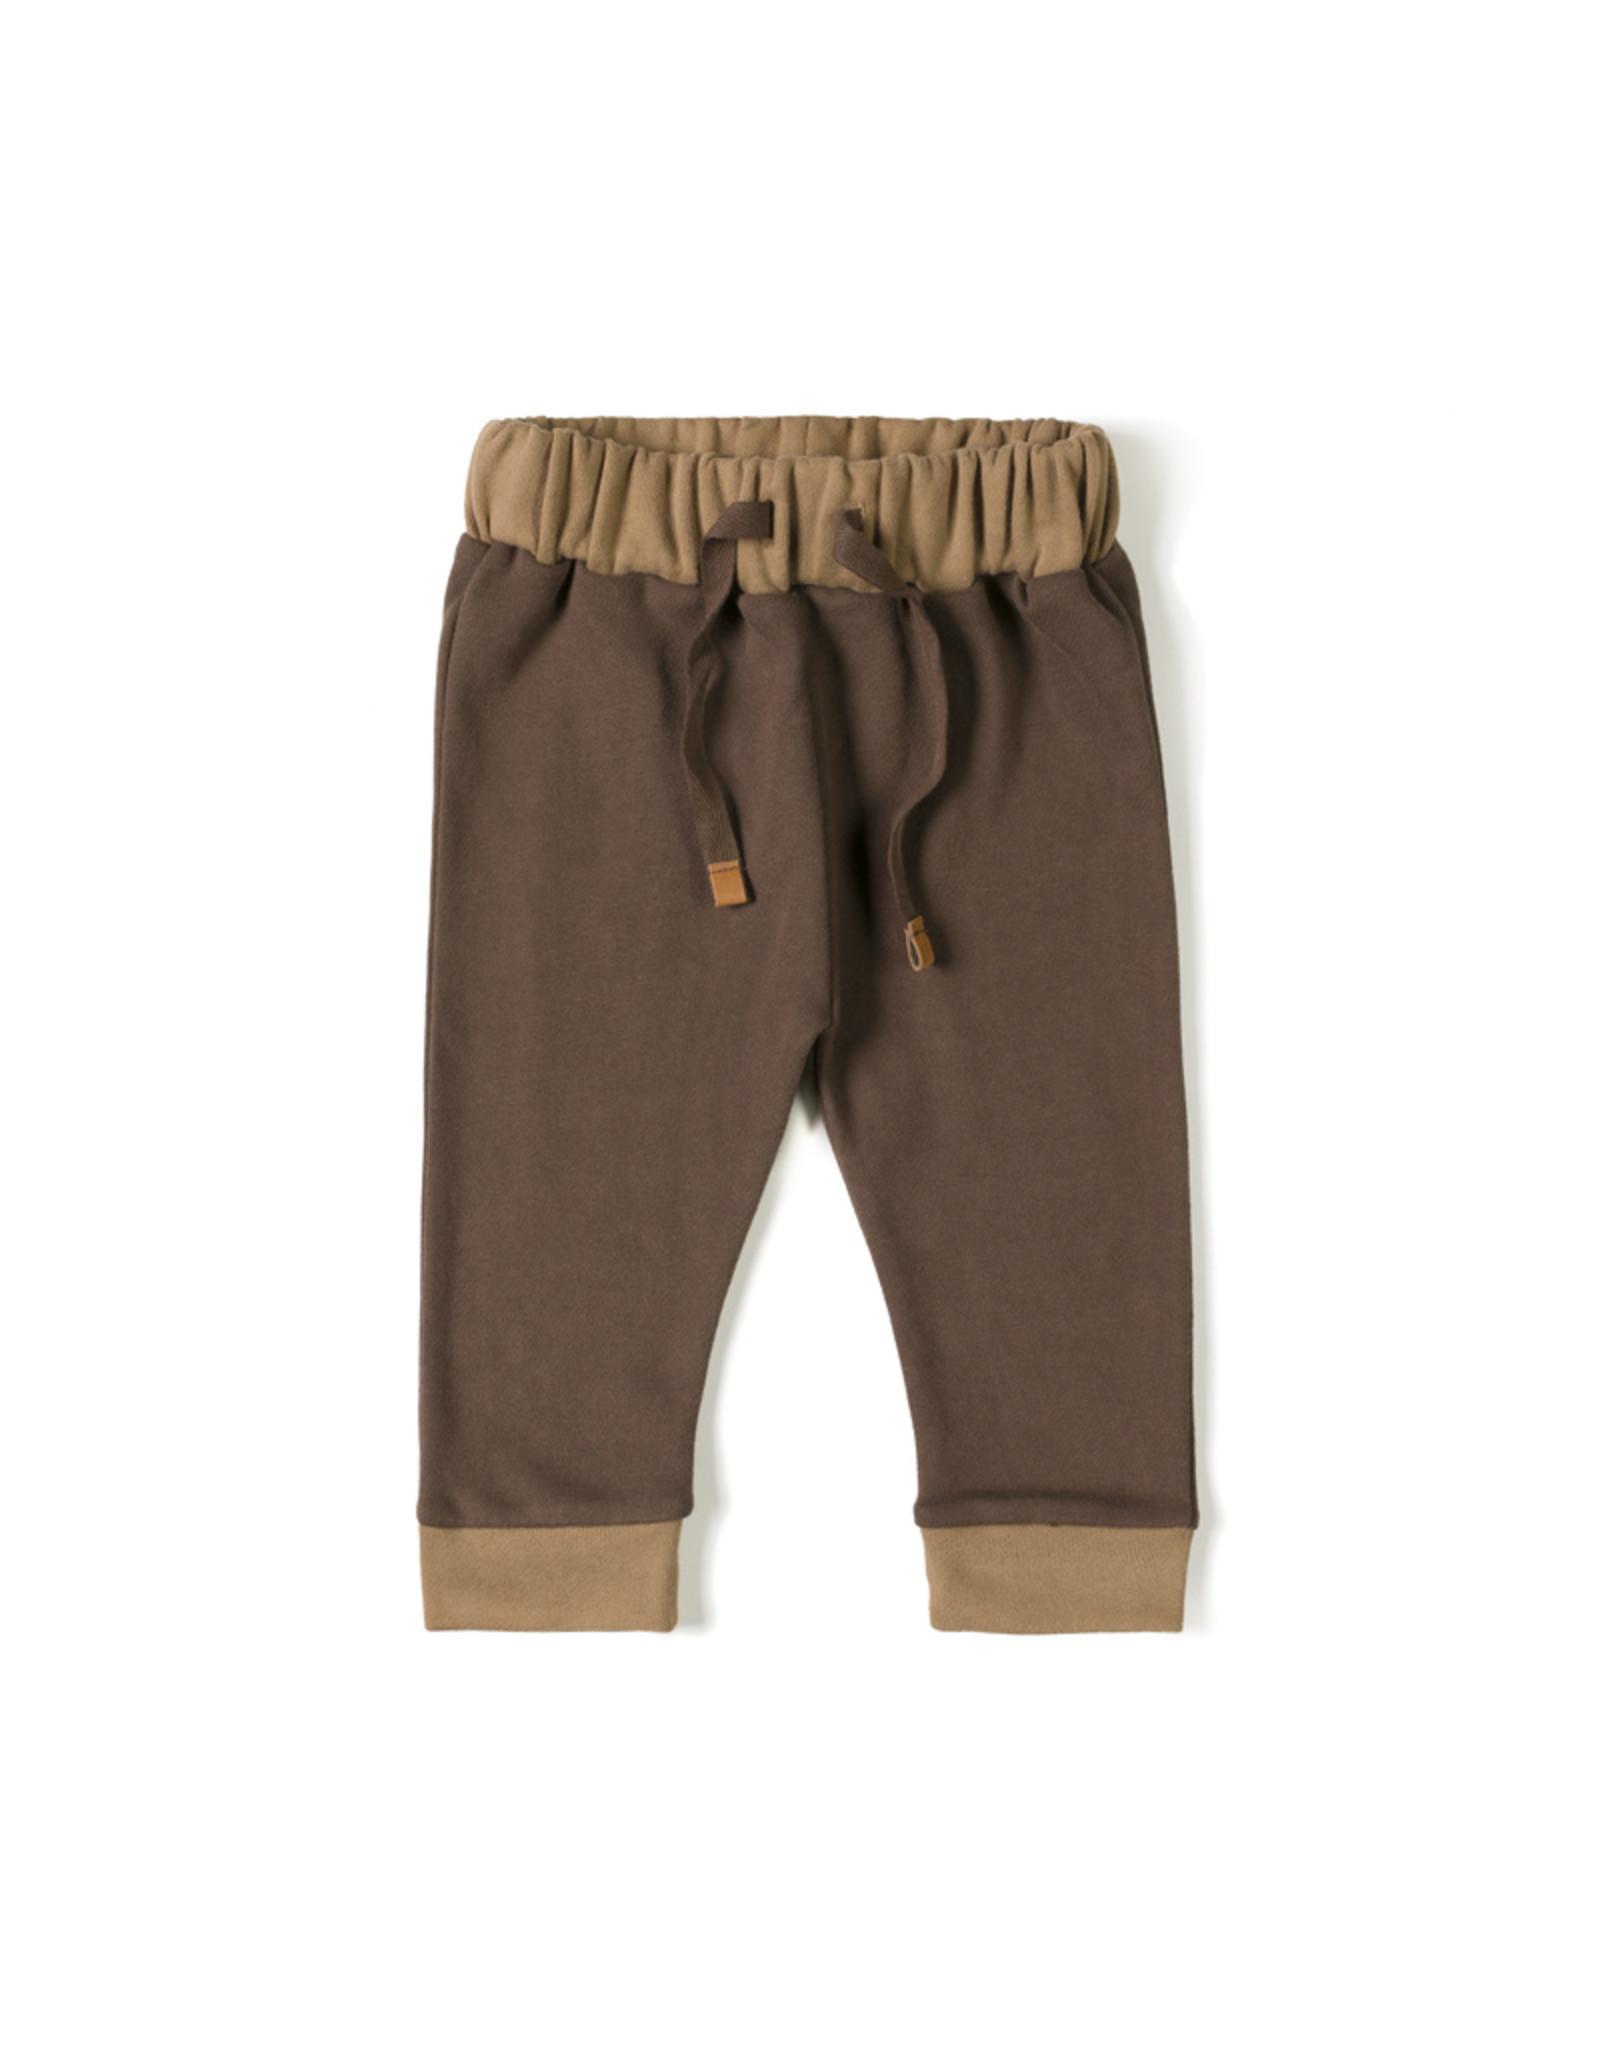 Nixnut Pantalon Choco